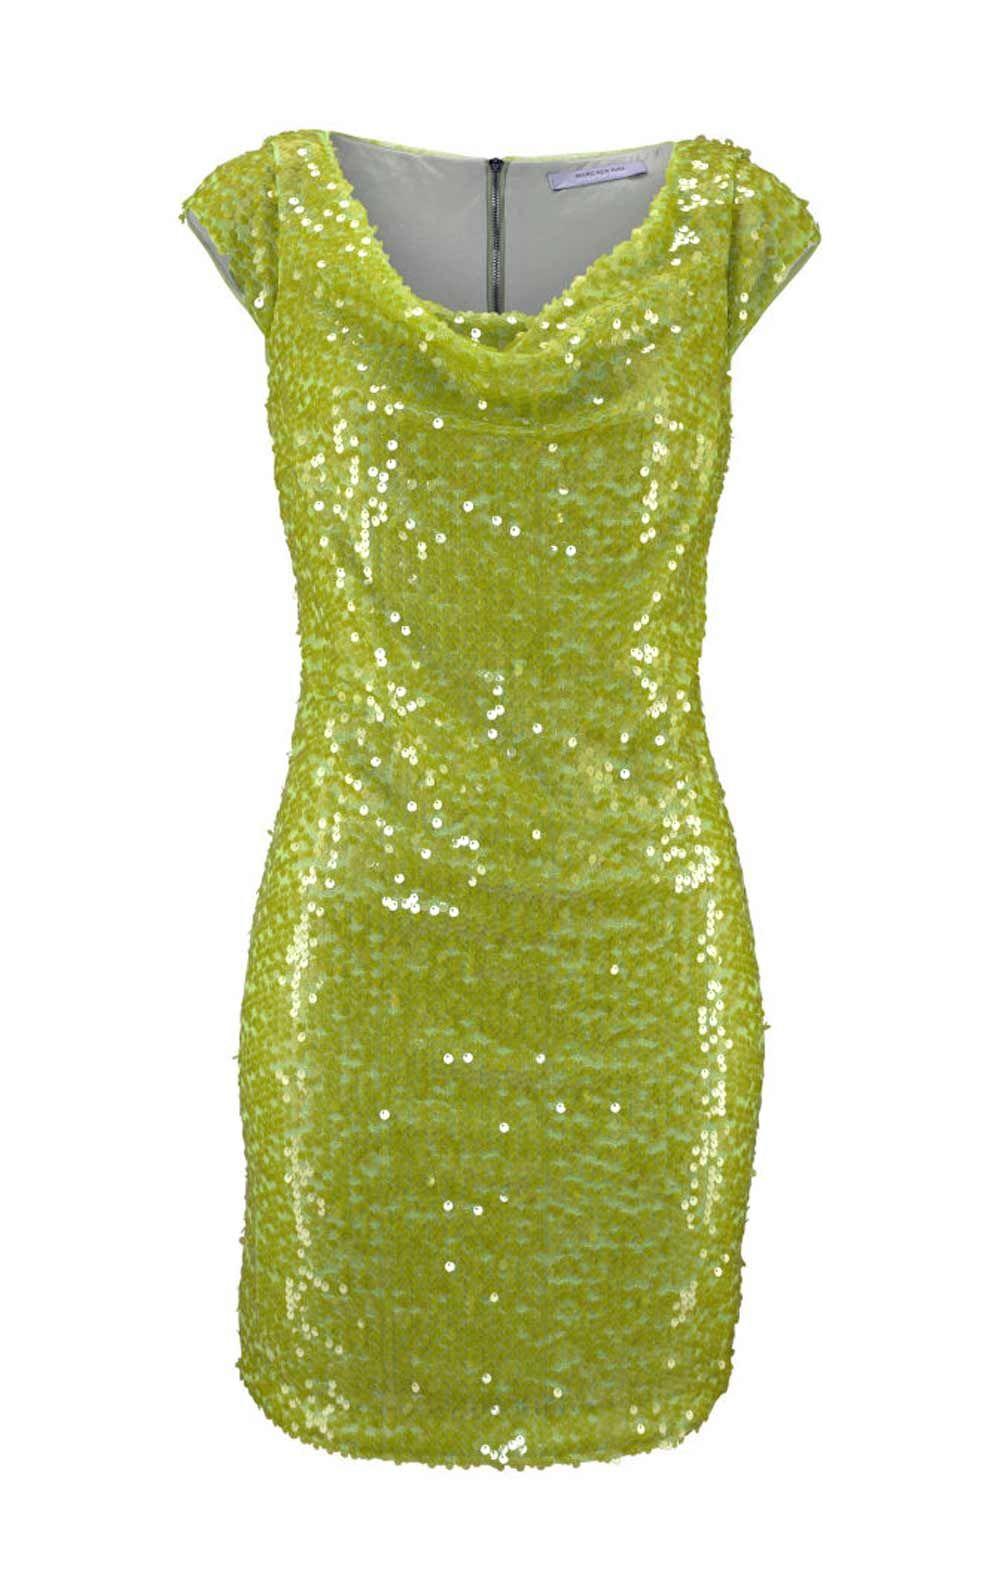 Paillettenkleid, grün von Marc New York  eBay in 18